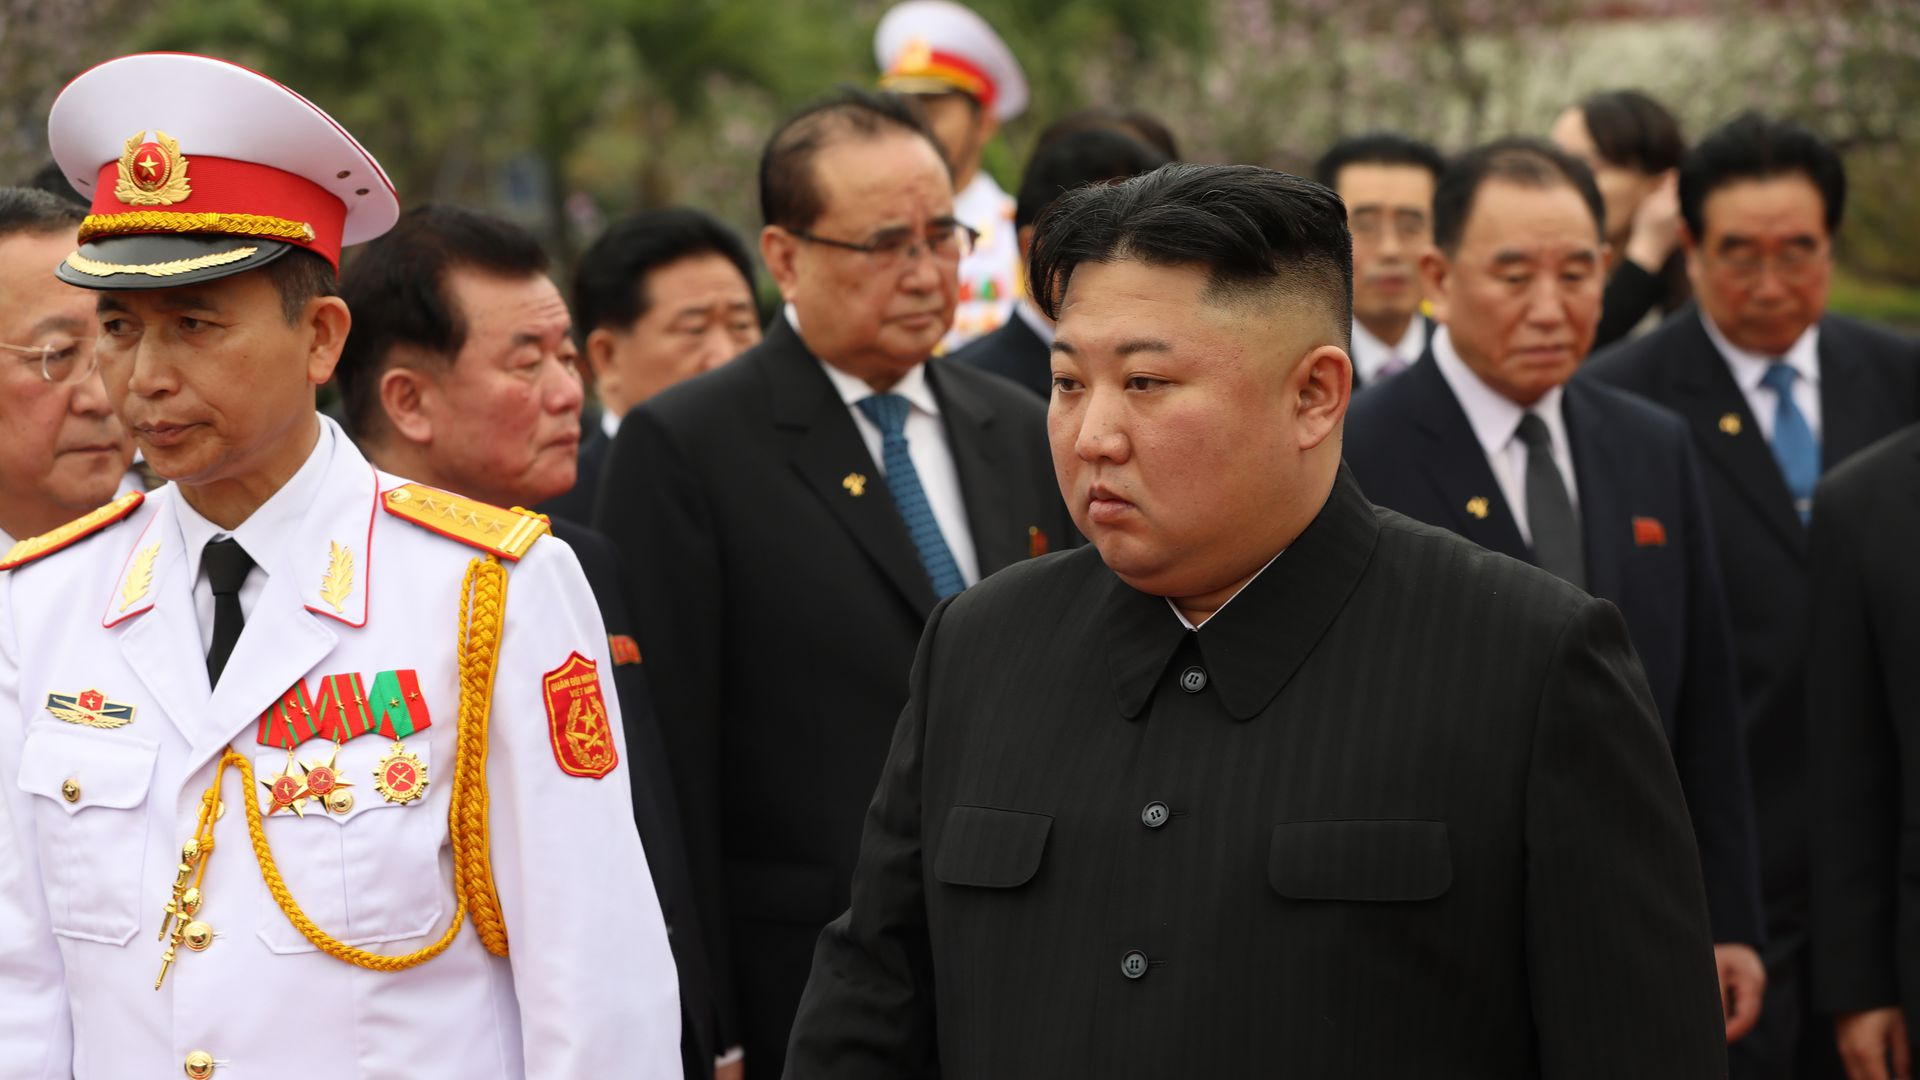 North Korea's Kim Jong Un